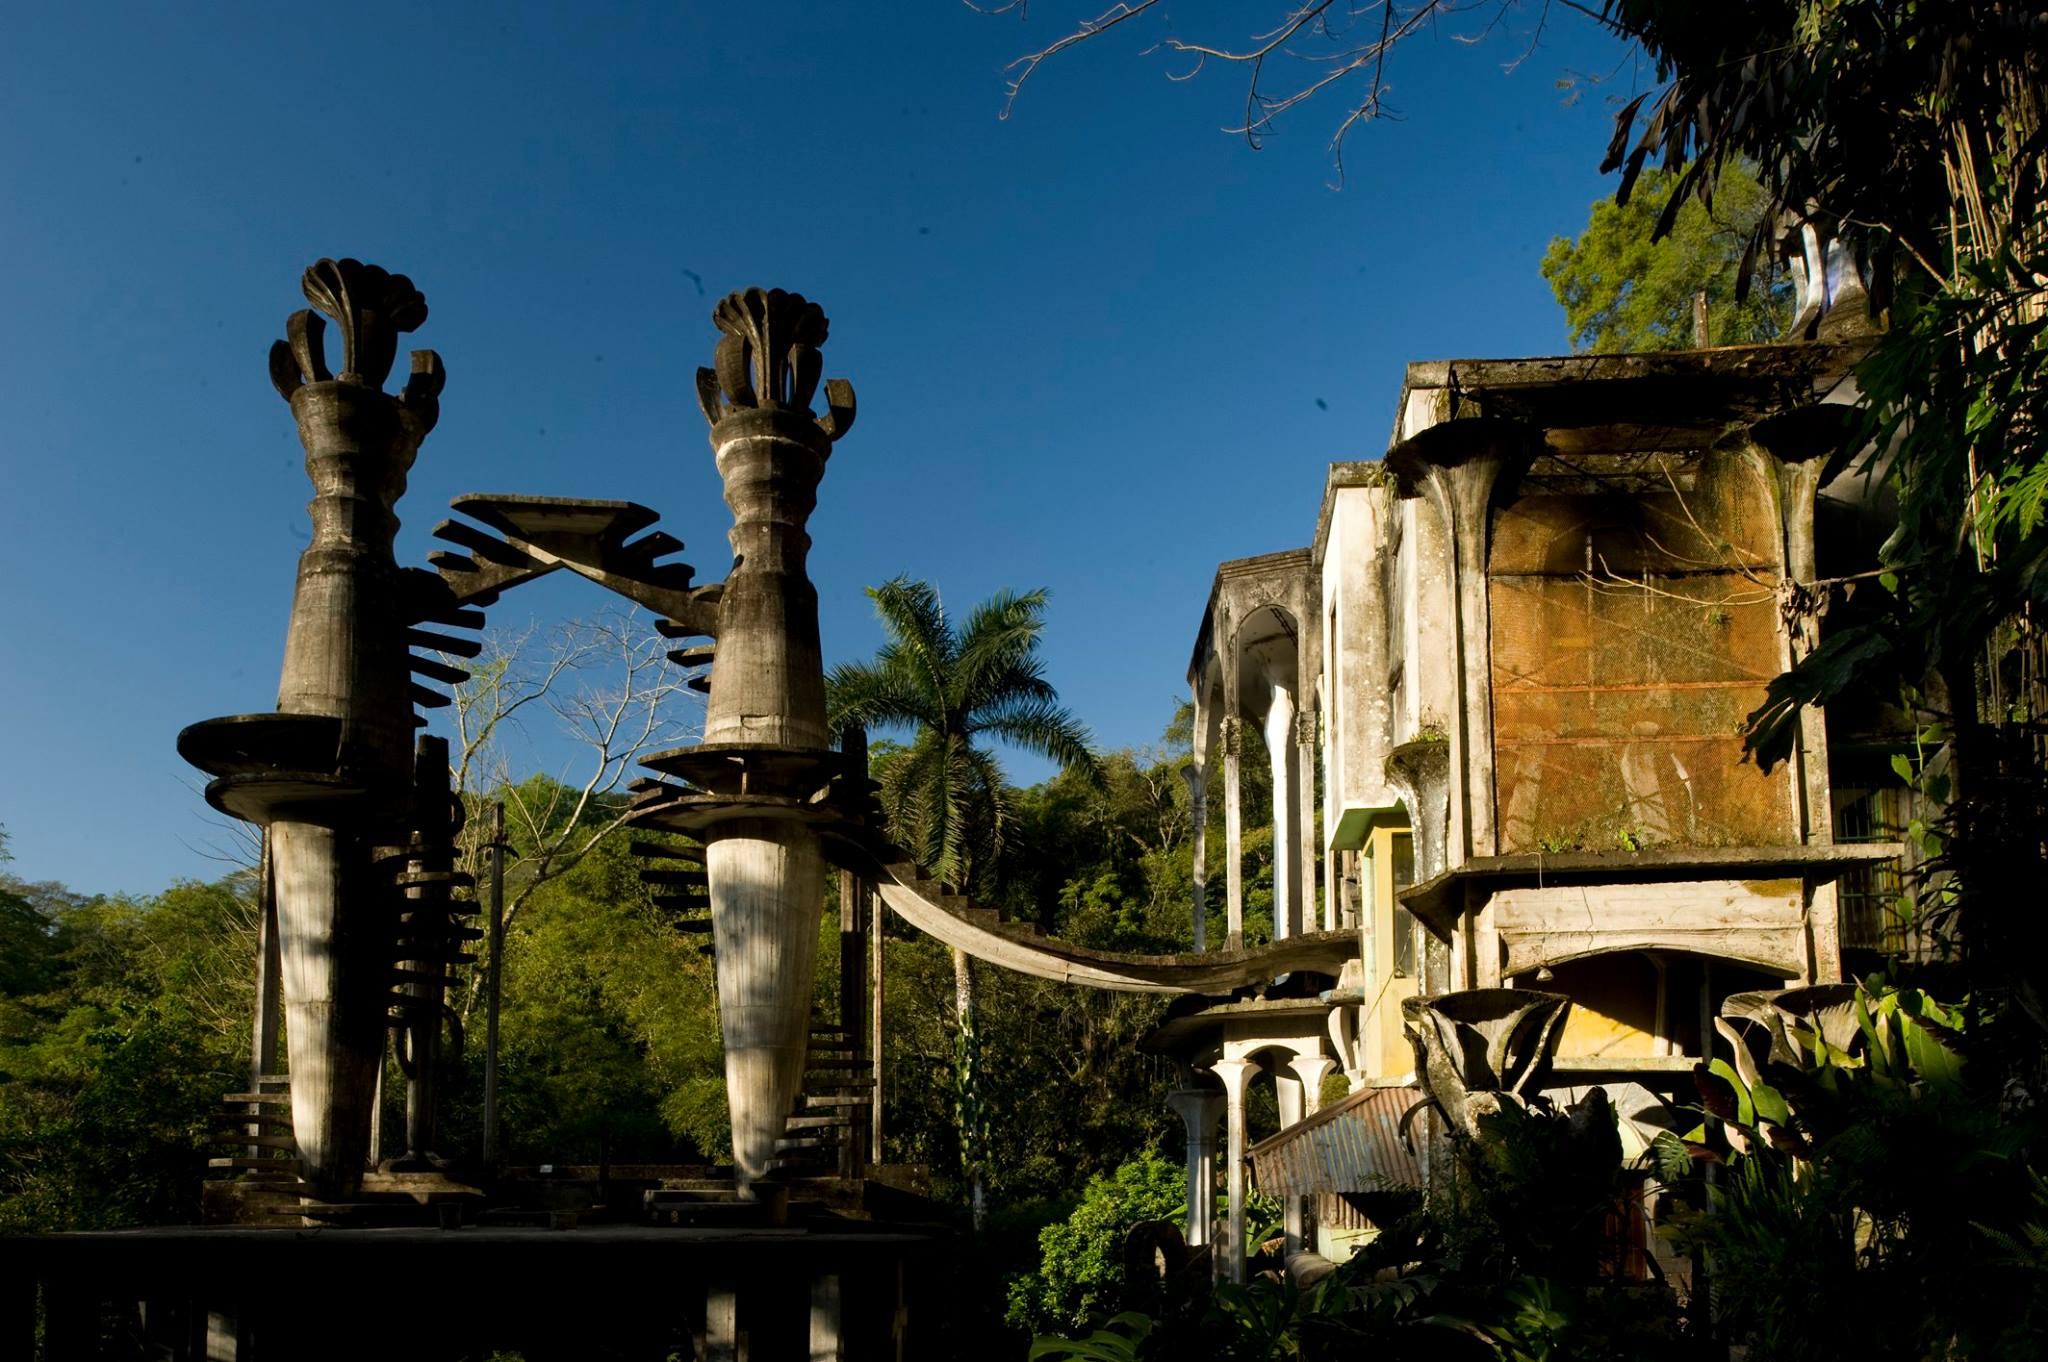 Ο περίφημος σουρεαλιστικός κήπος του Las Pozas στην Ξιλιτά